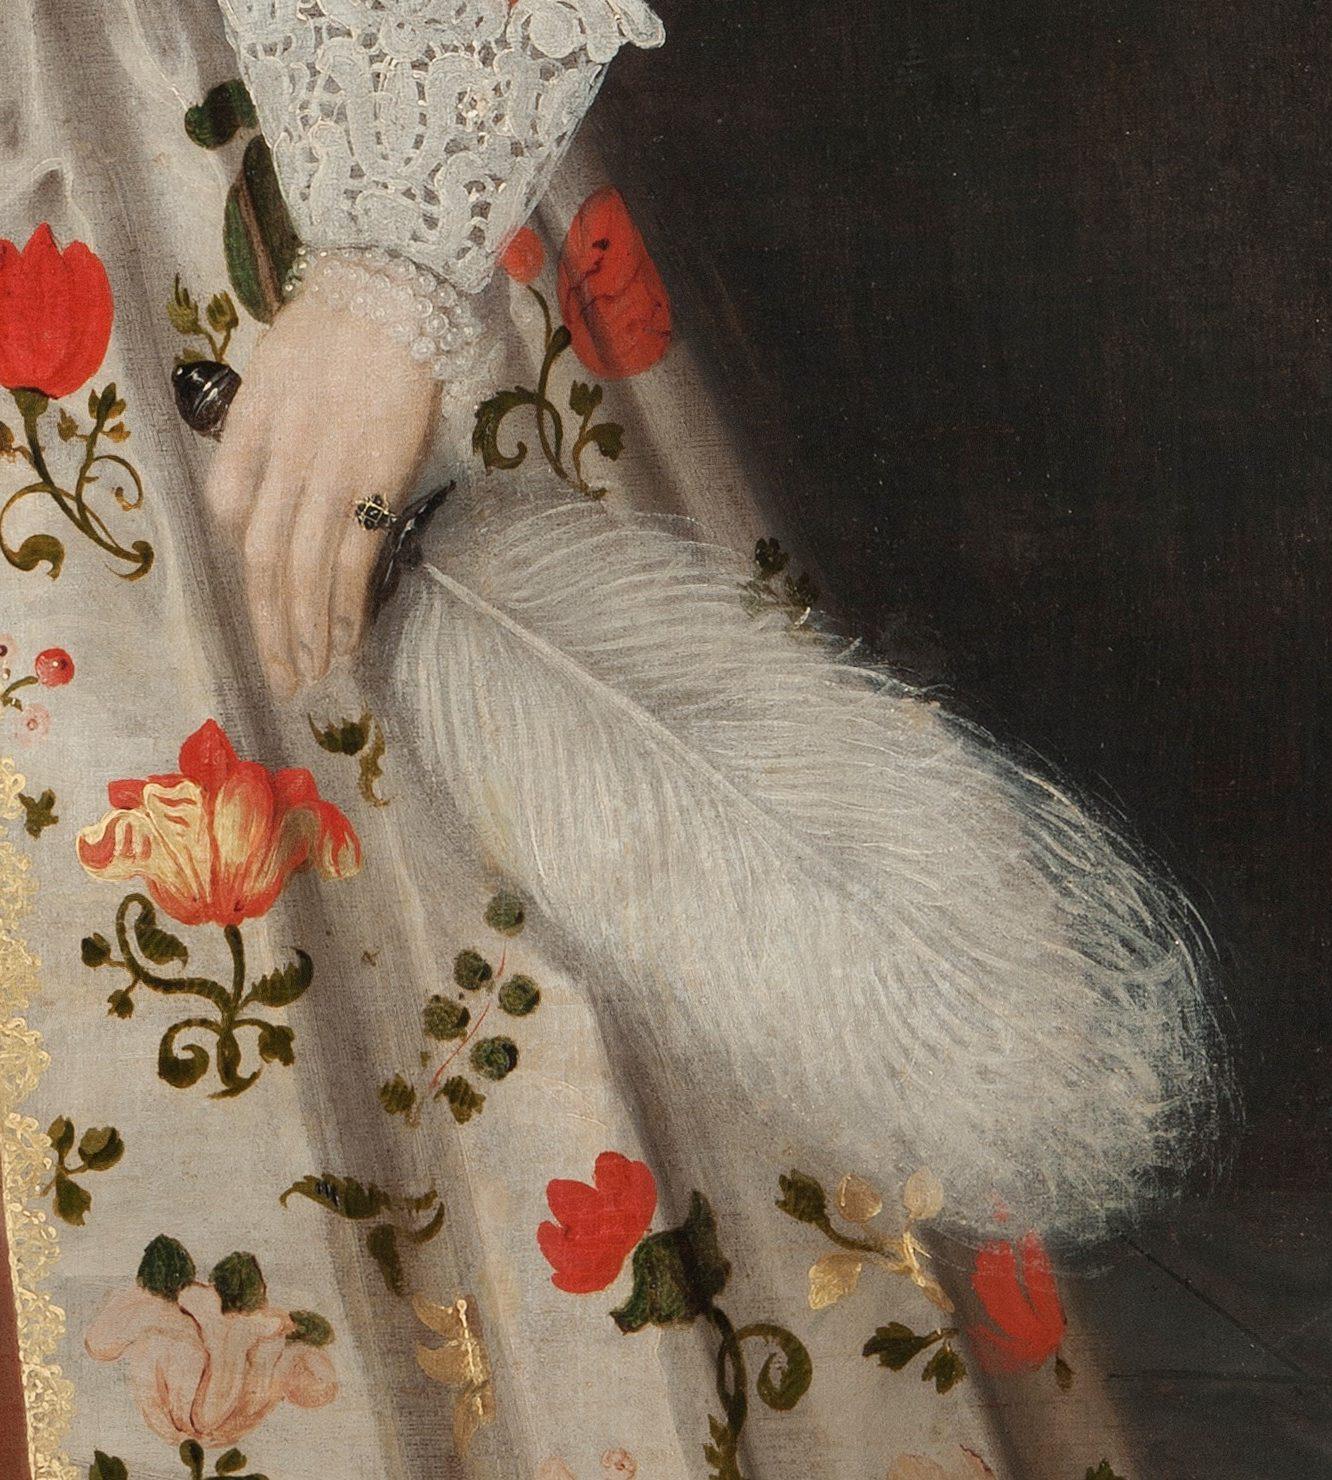 Detalj av en hand som håller i en strutsfjäder.